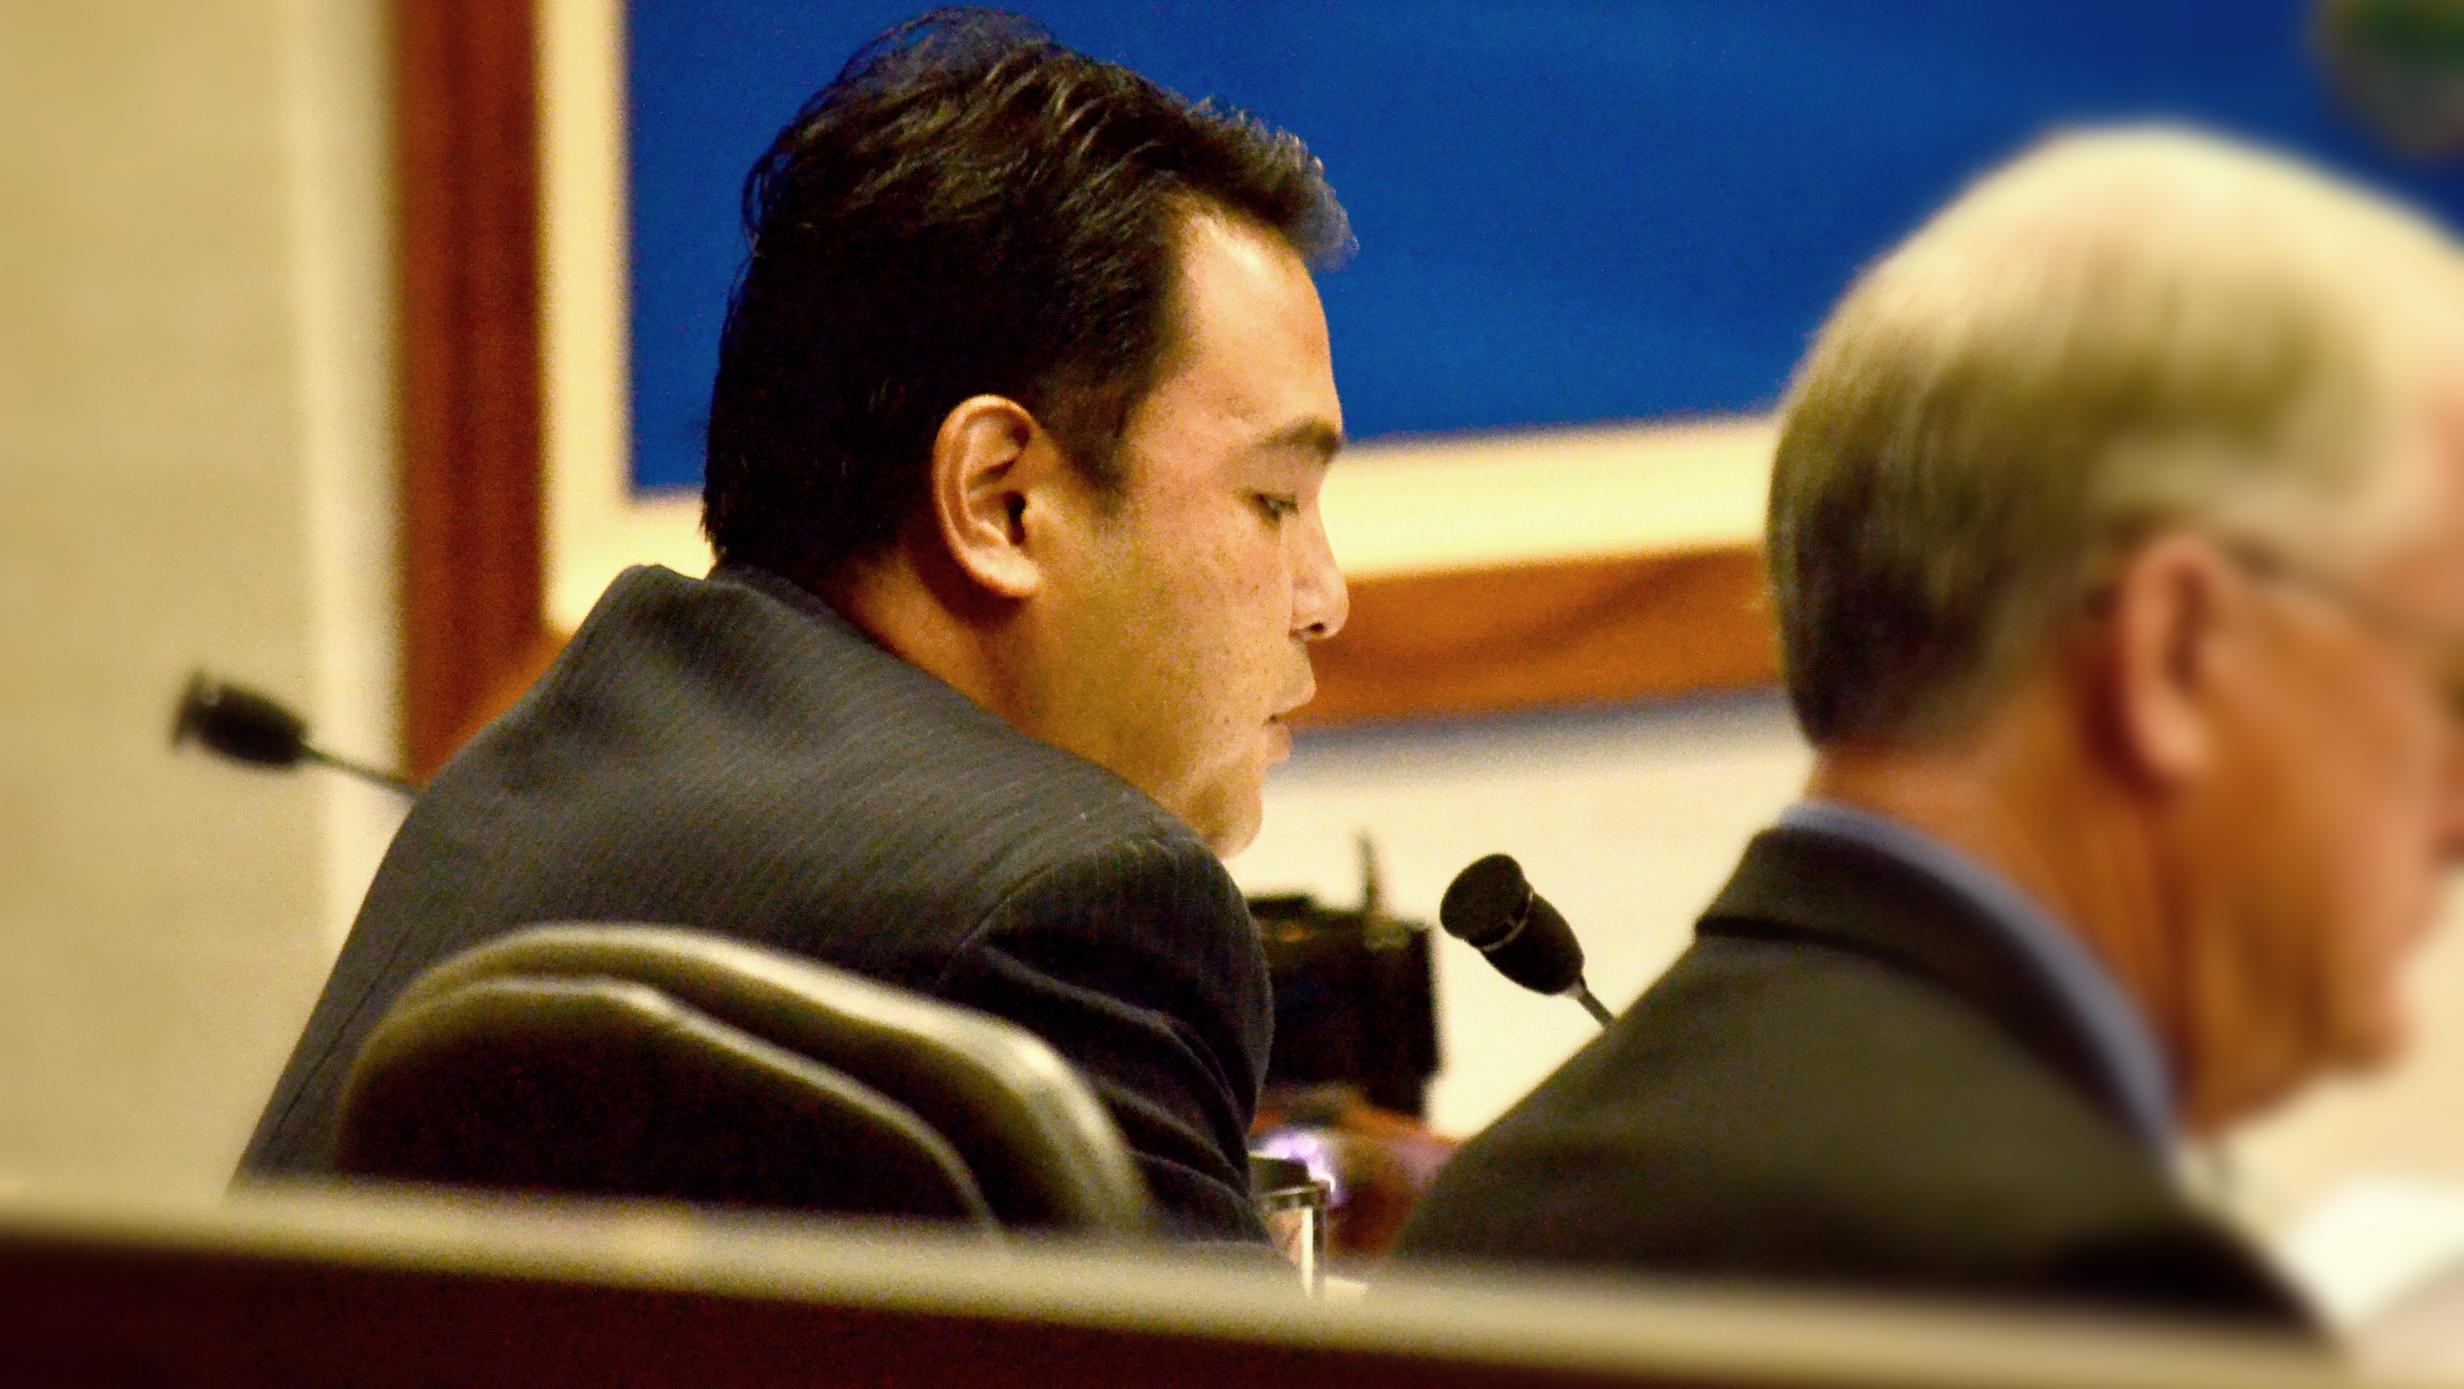 Councilmember Don Guzman